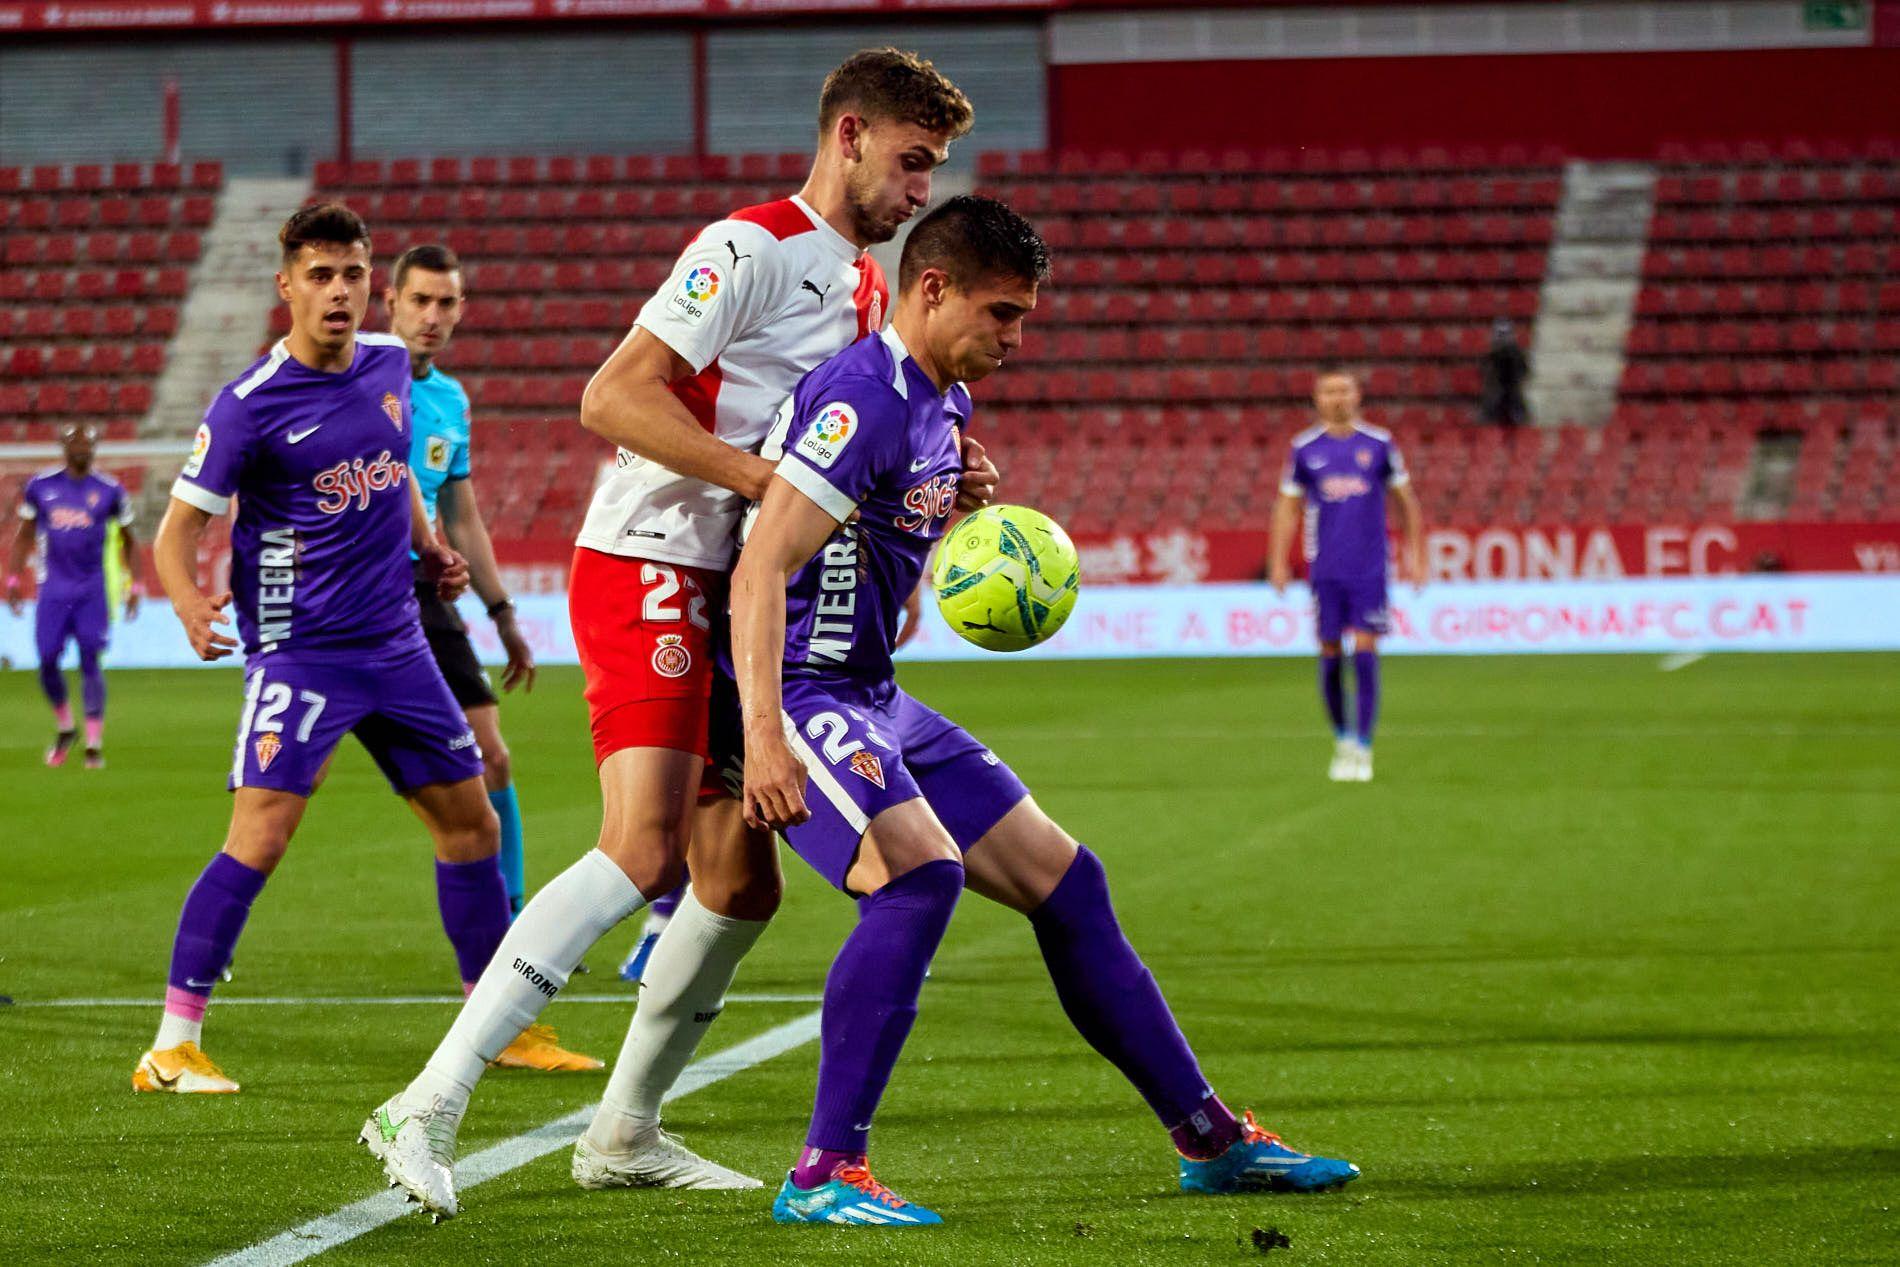 El Sporting-Girona, en imágenes